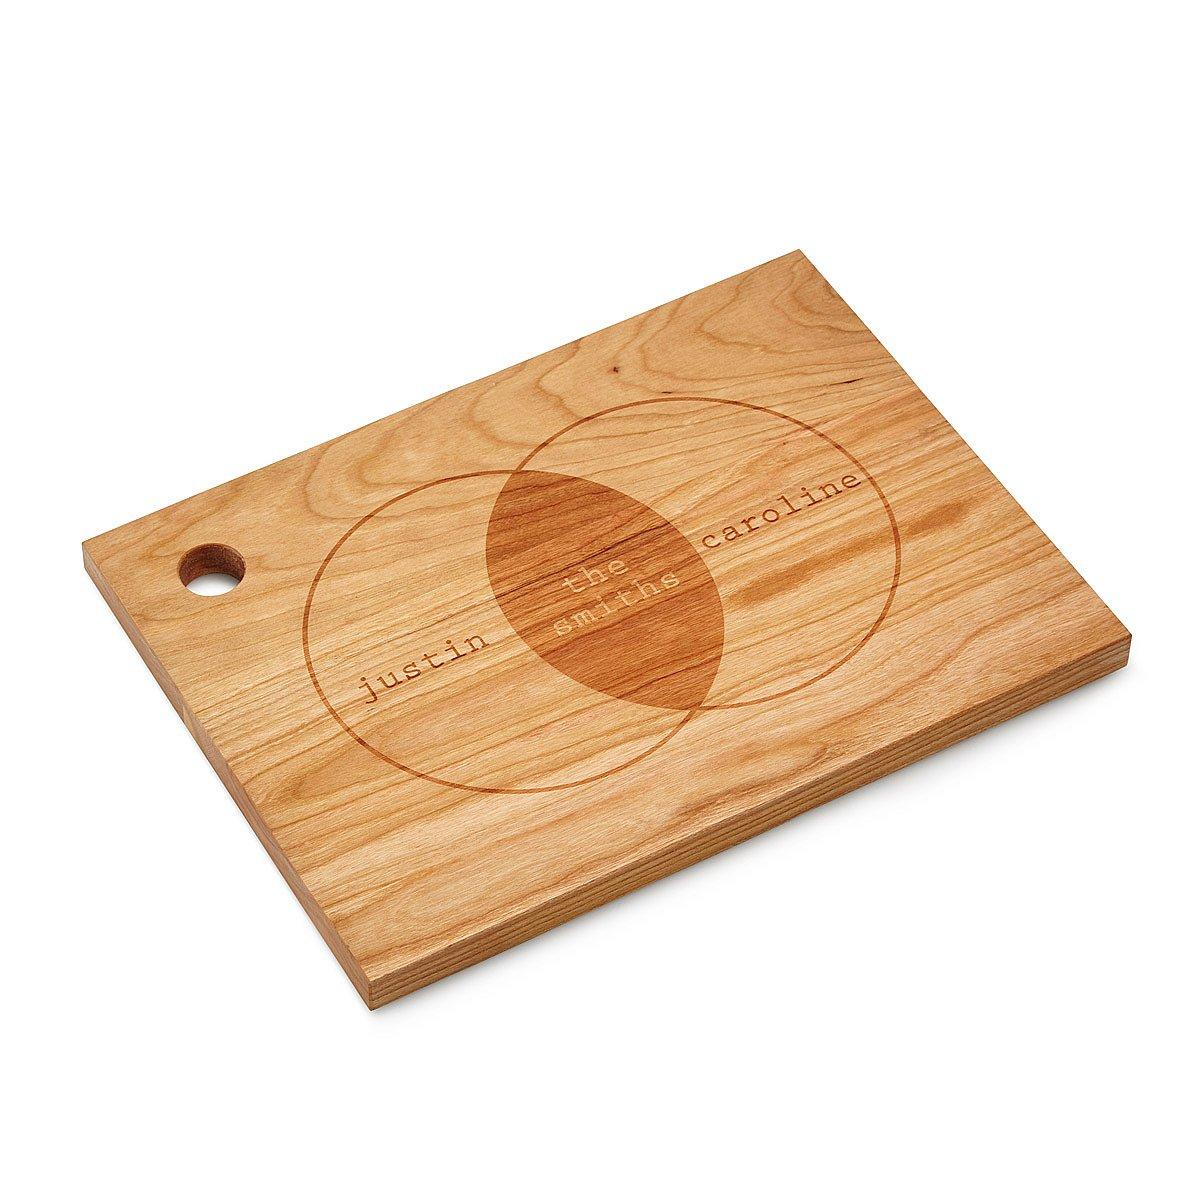 Wedding gifts; cutting board